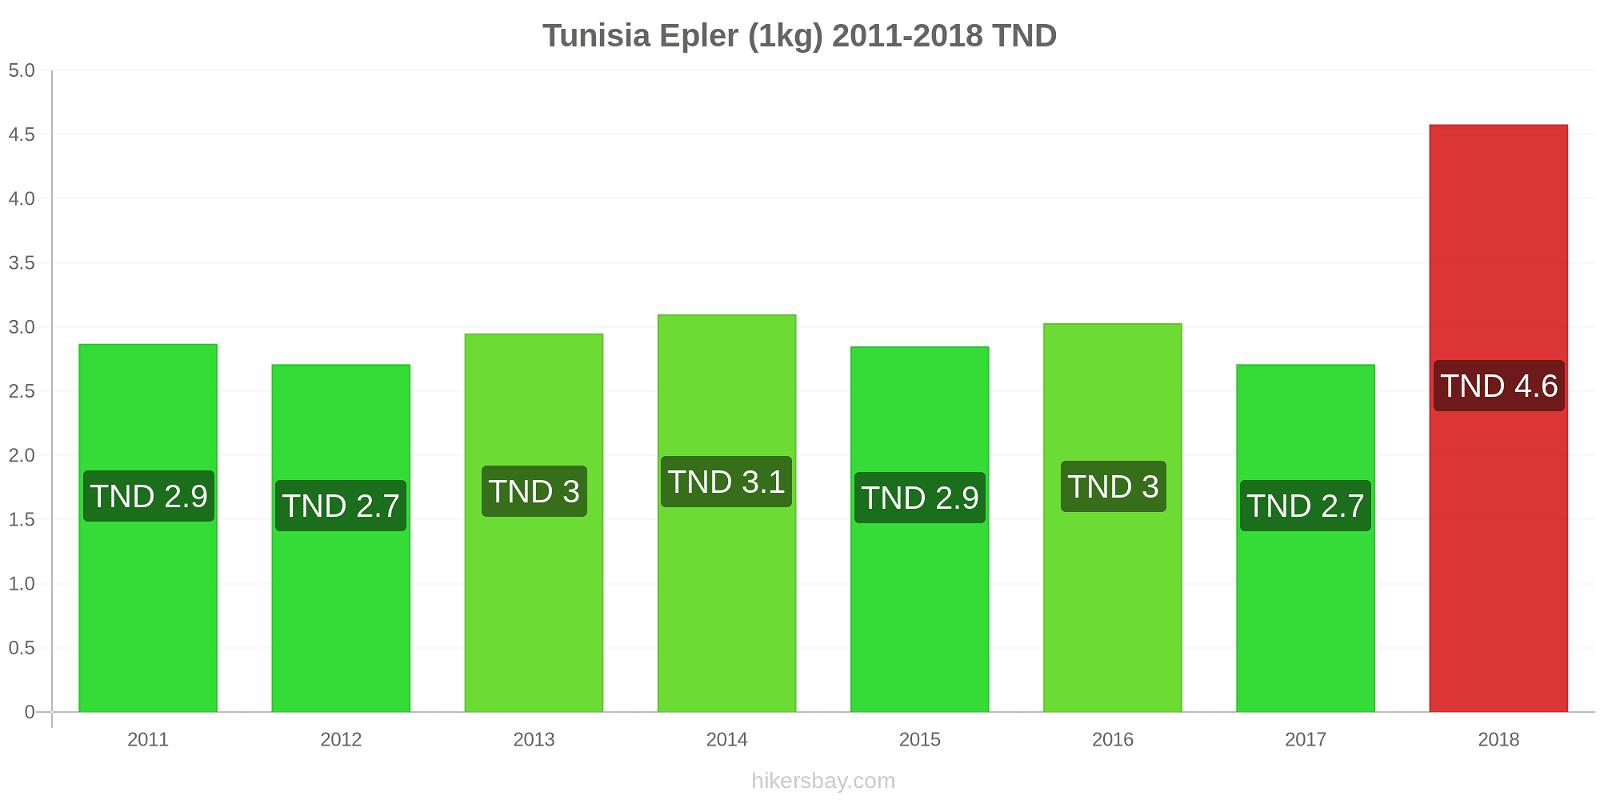 Tunisia prisendringer Epler (1kg) hikersbay.com